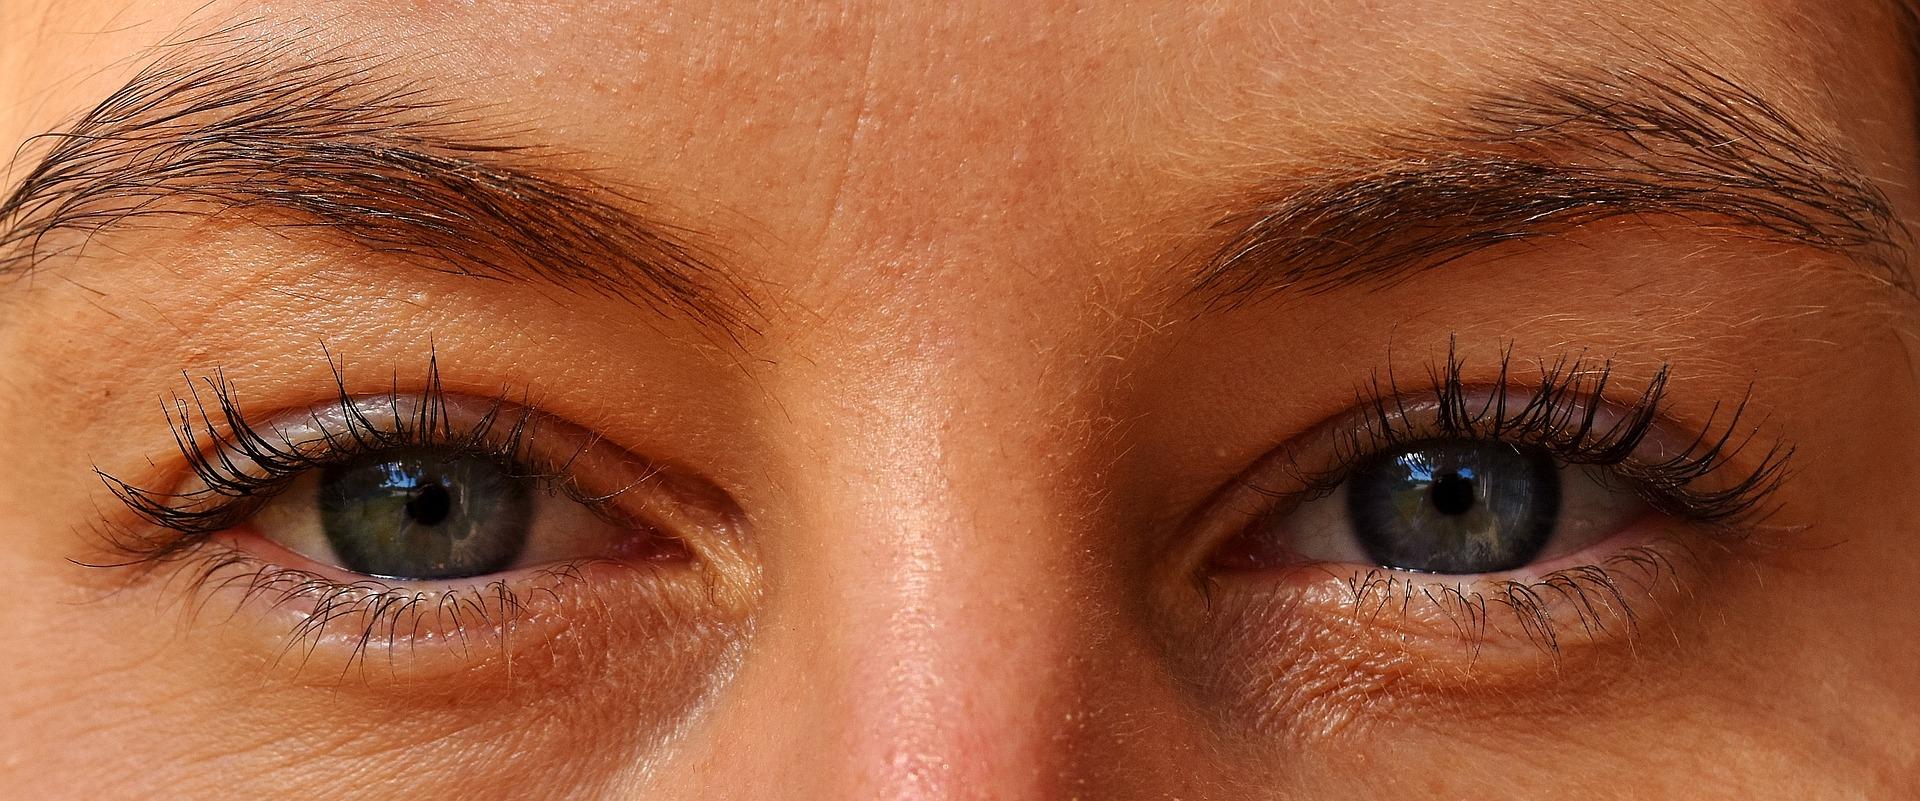 Come curare i tic nervosi agli occhi.jpg